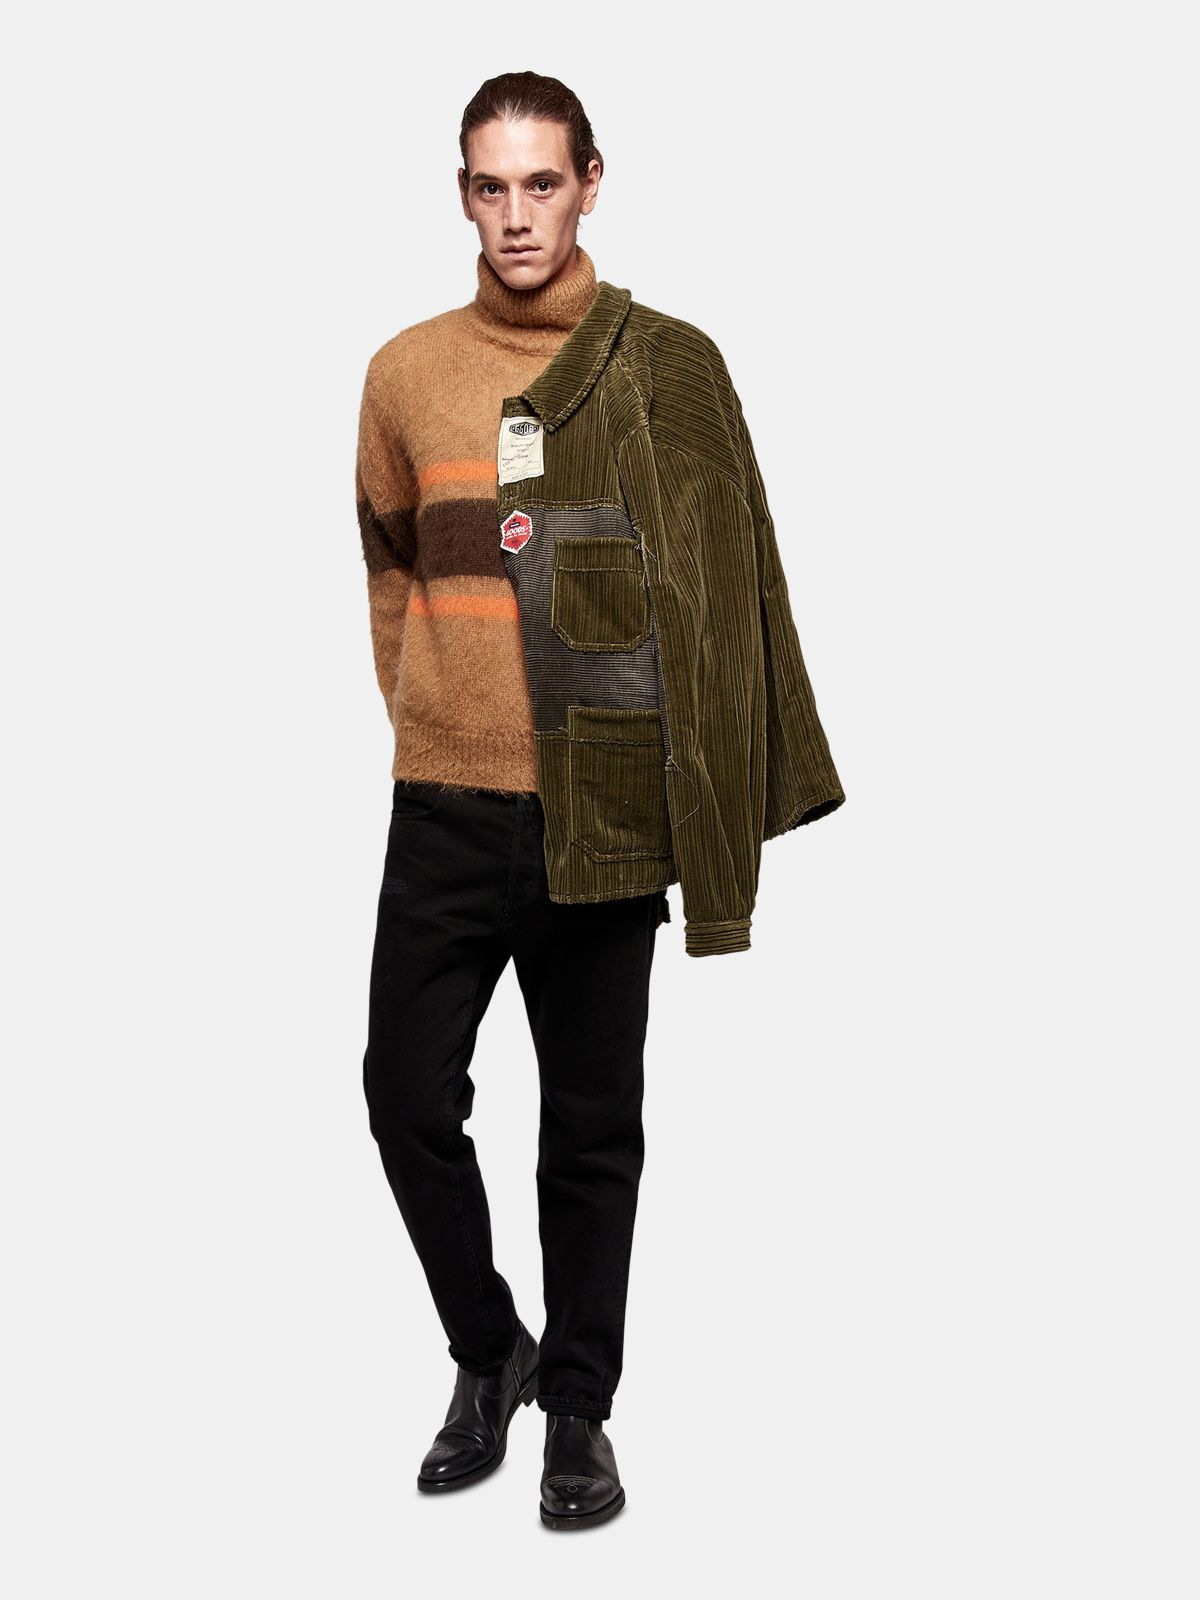 Golden Goose - Taro jacket in corduroy velvet with decorative labels in